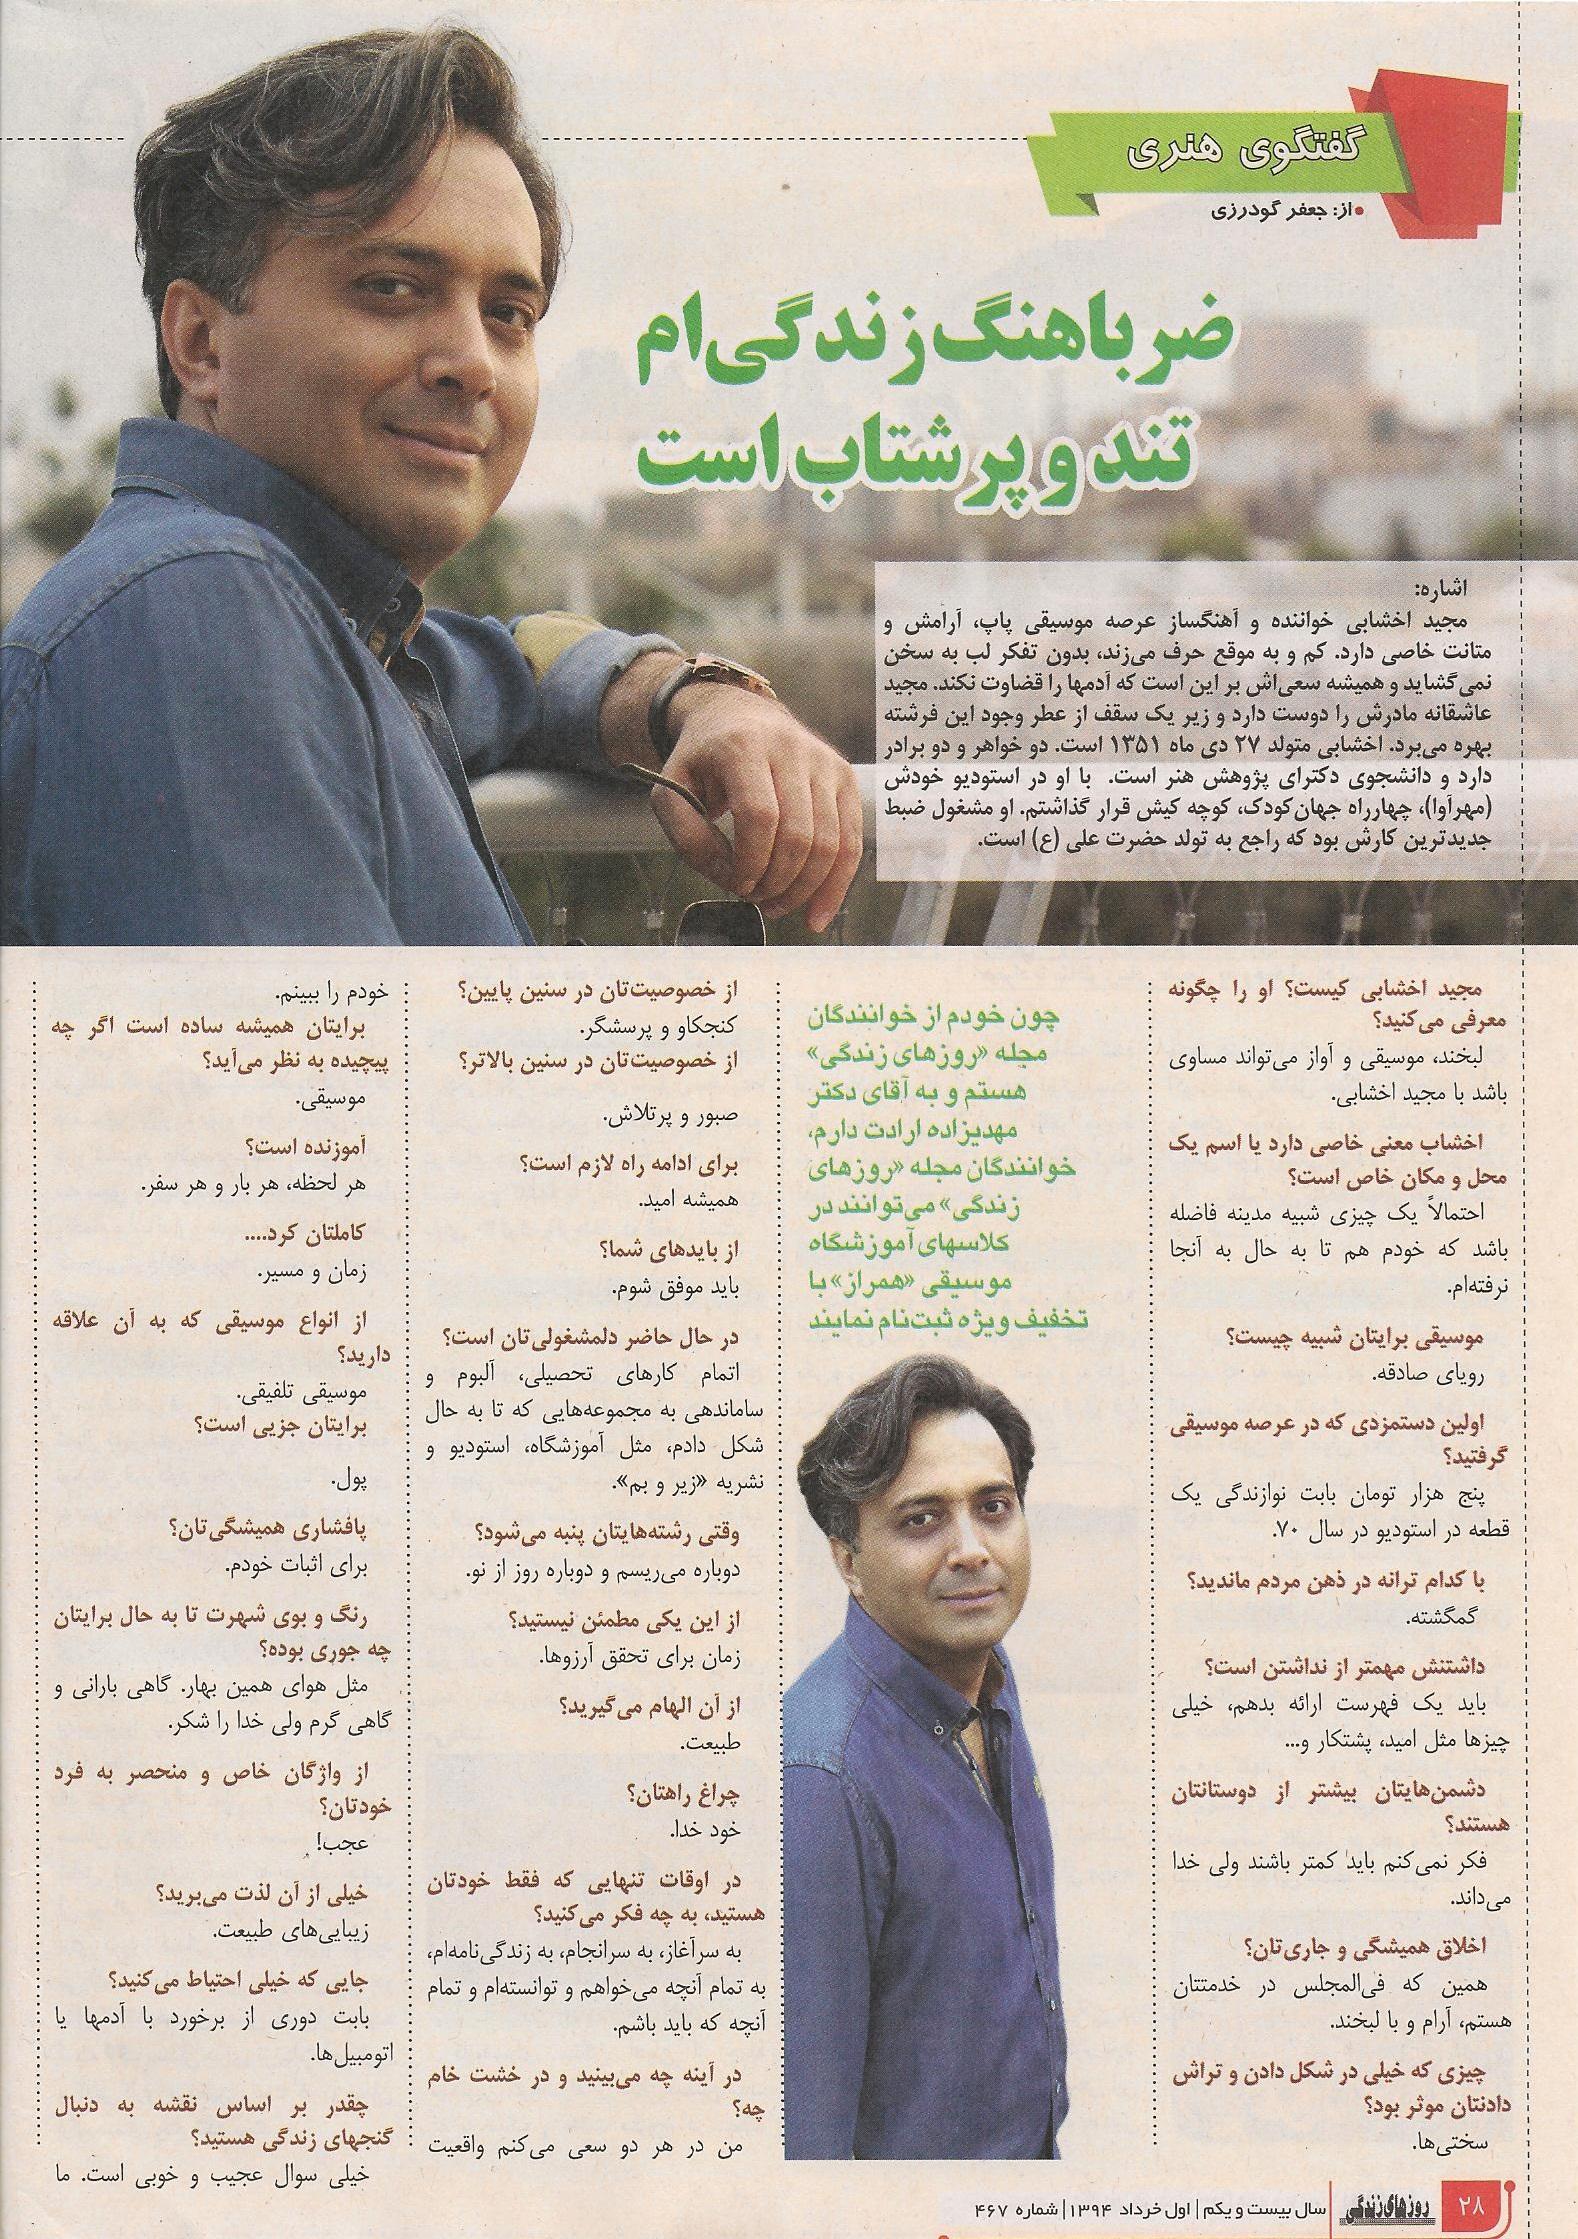 مصاحبه مجید اخشابی با مجله روزهای زندگی شماره 467